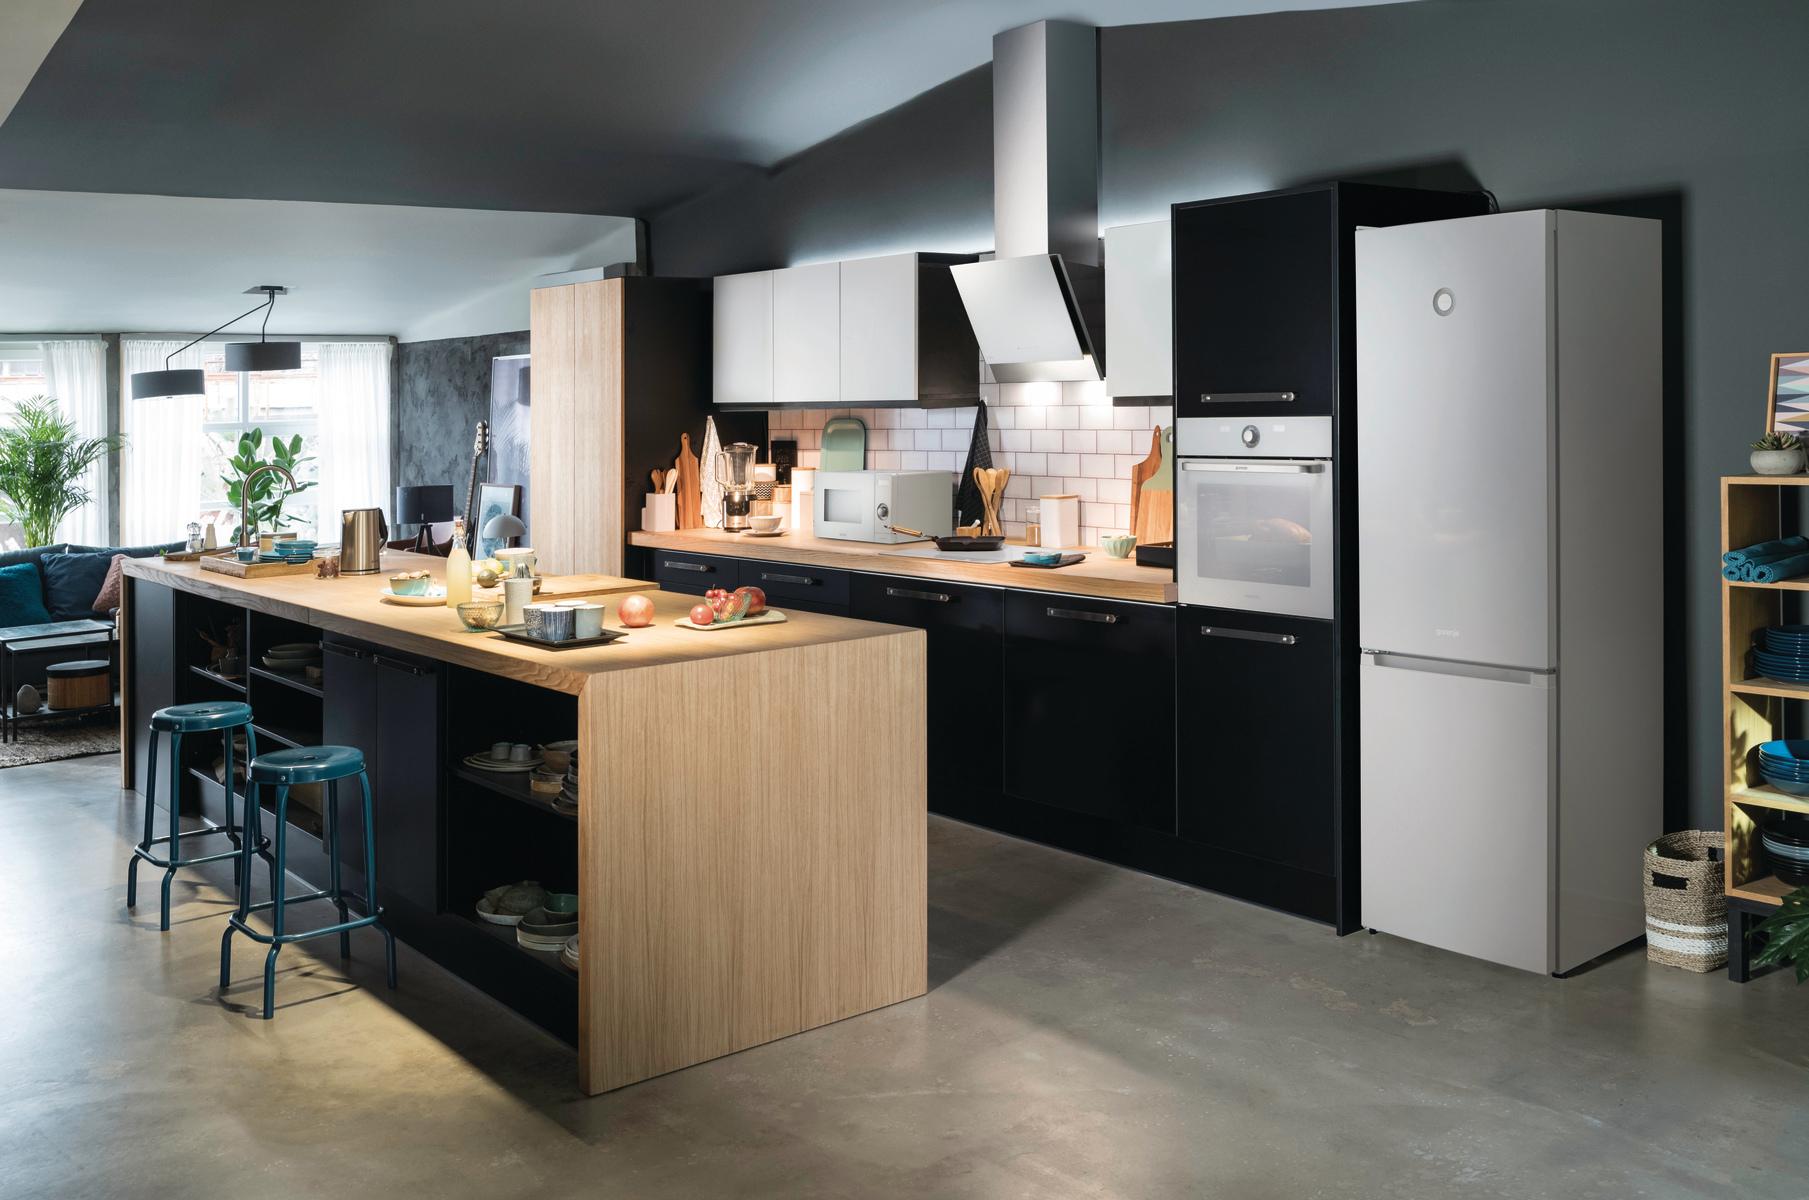 Jak wybrać sprzęt AGD do nowego domu? 23